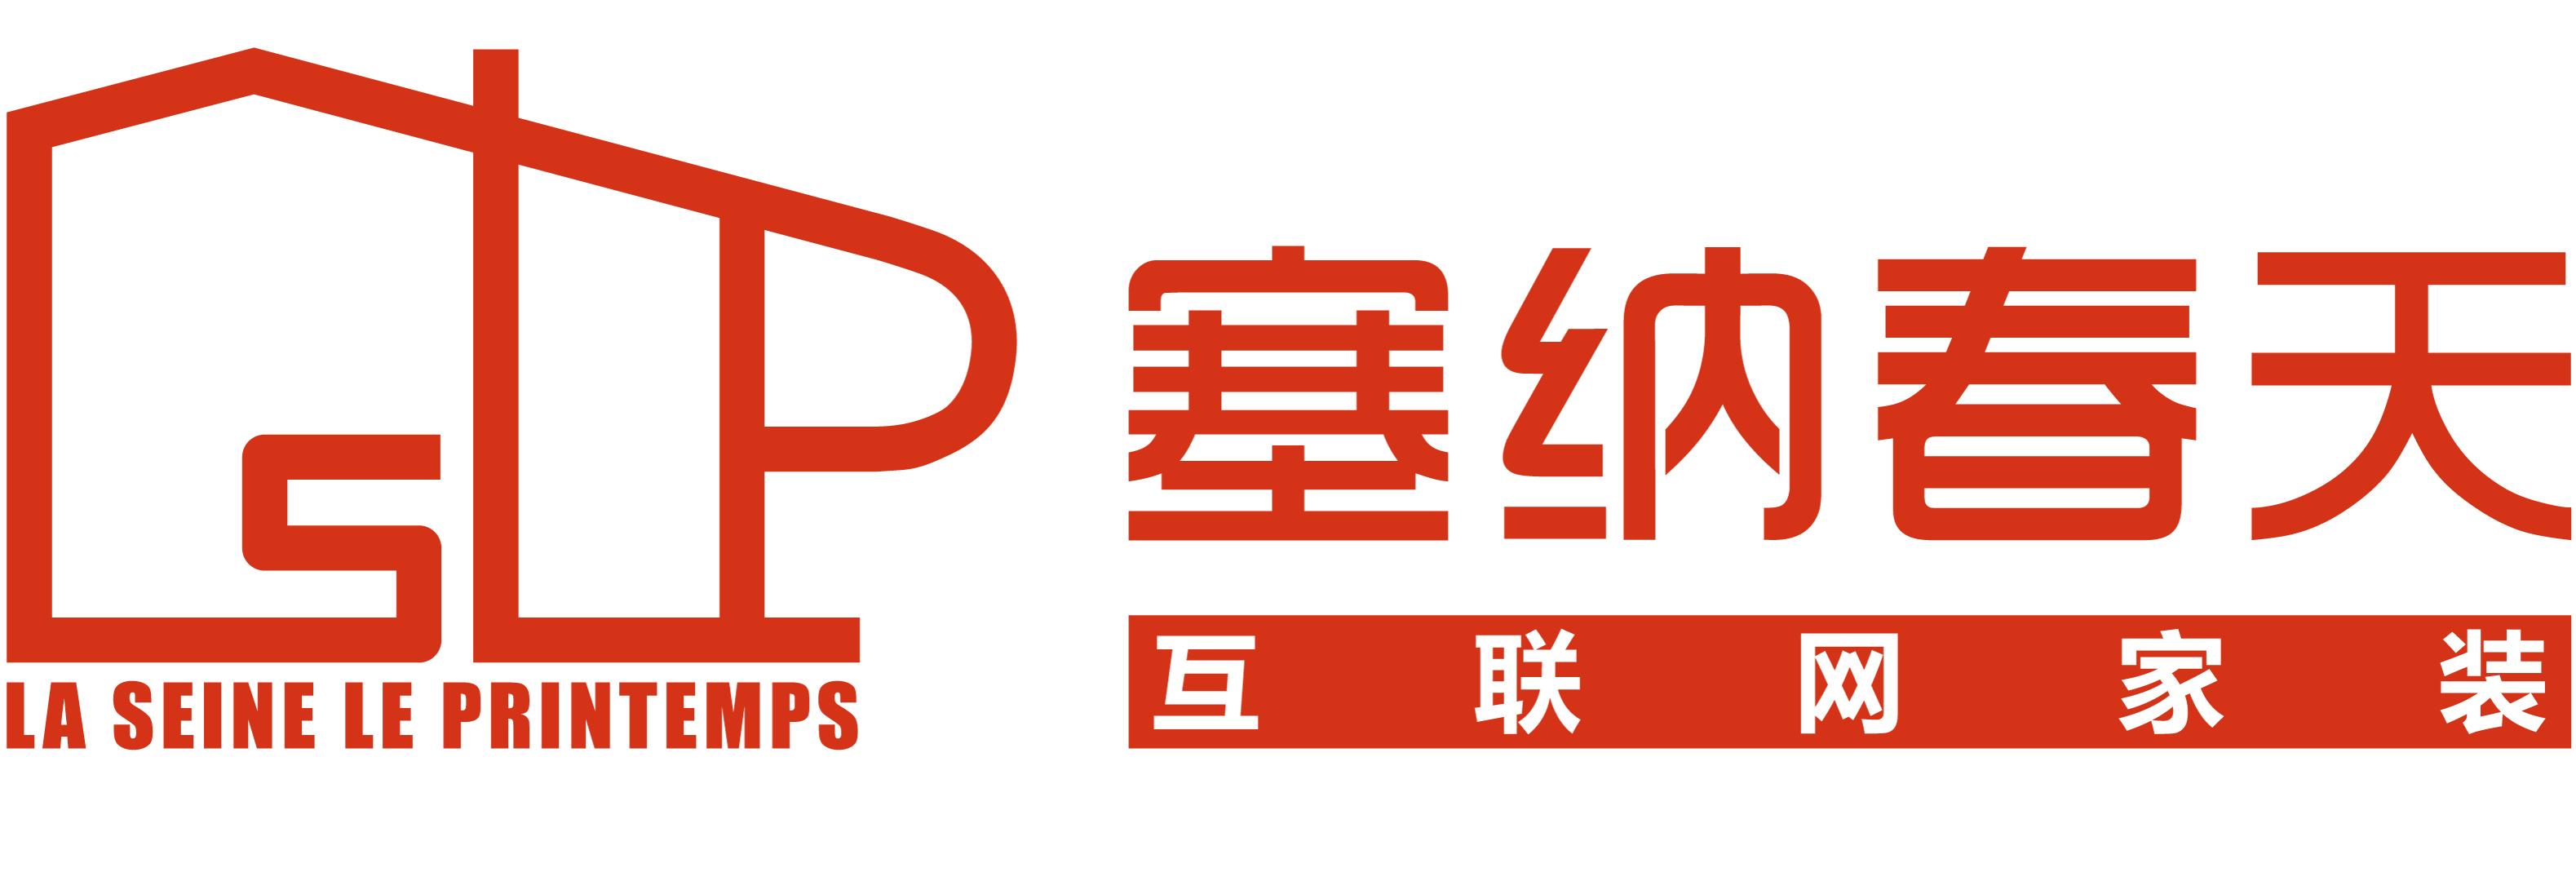 南宁塞纳四季装饰工程有限公司